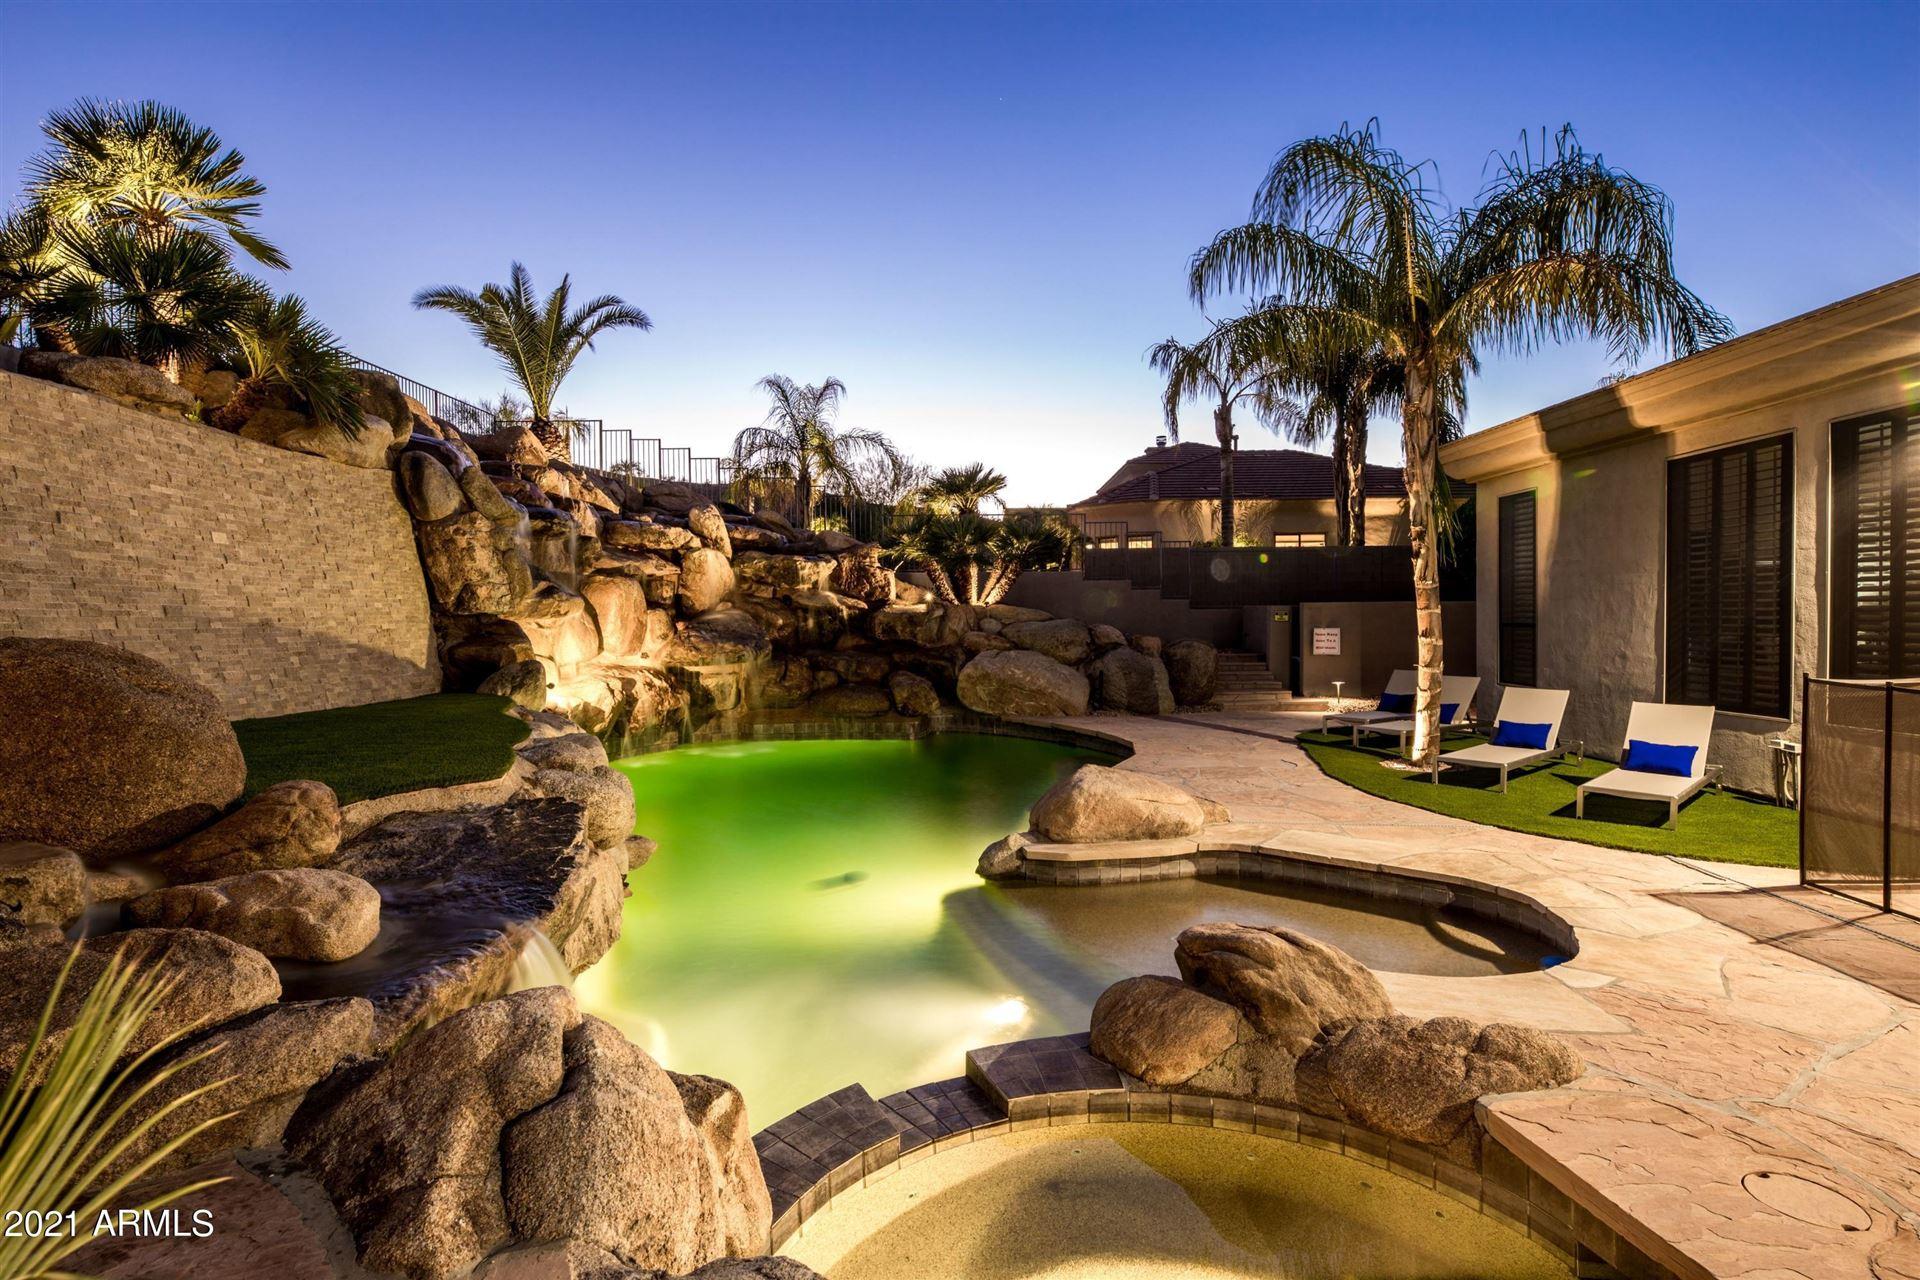 5713 W PINNACLE HILL Drive, Glendale, AZ 85310 - MLS#: 6197203